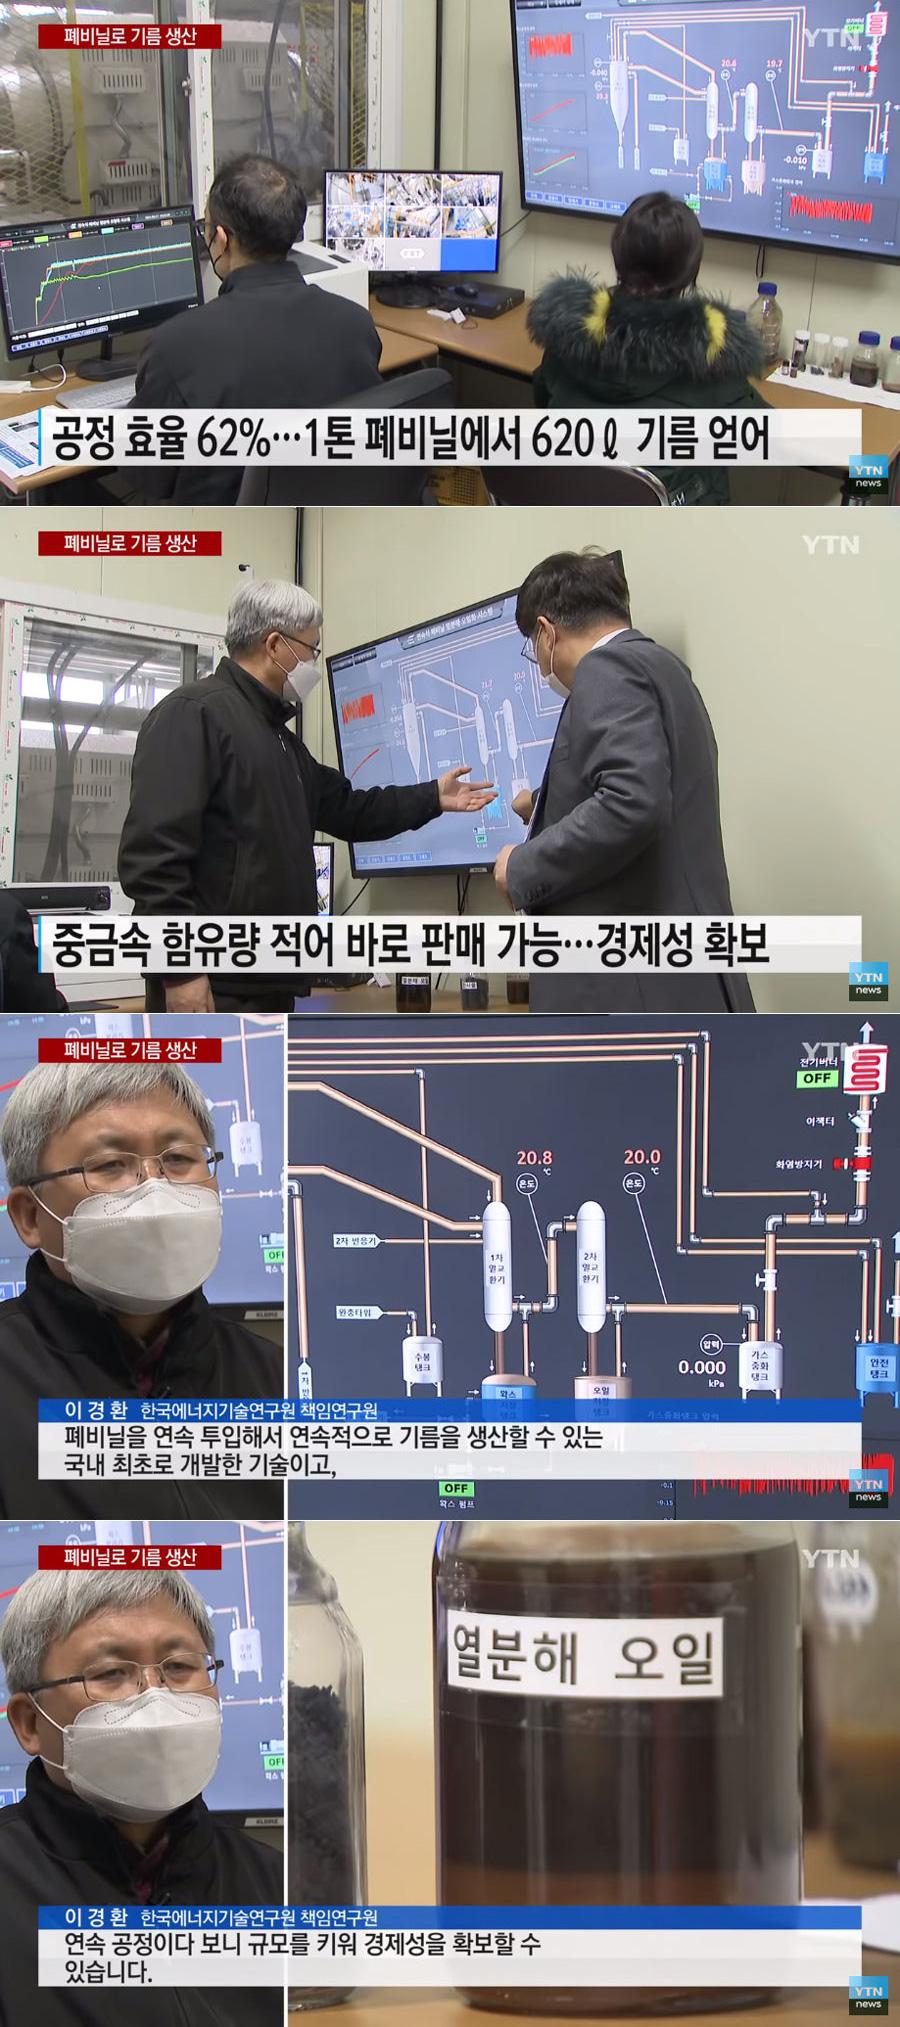 [유머] 1톤 폐비닐에서 620리터 기름 생산 -  와이드섬